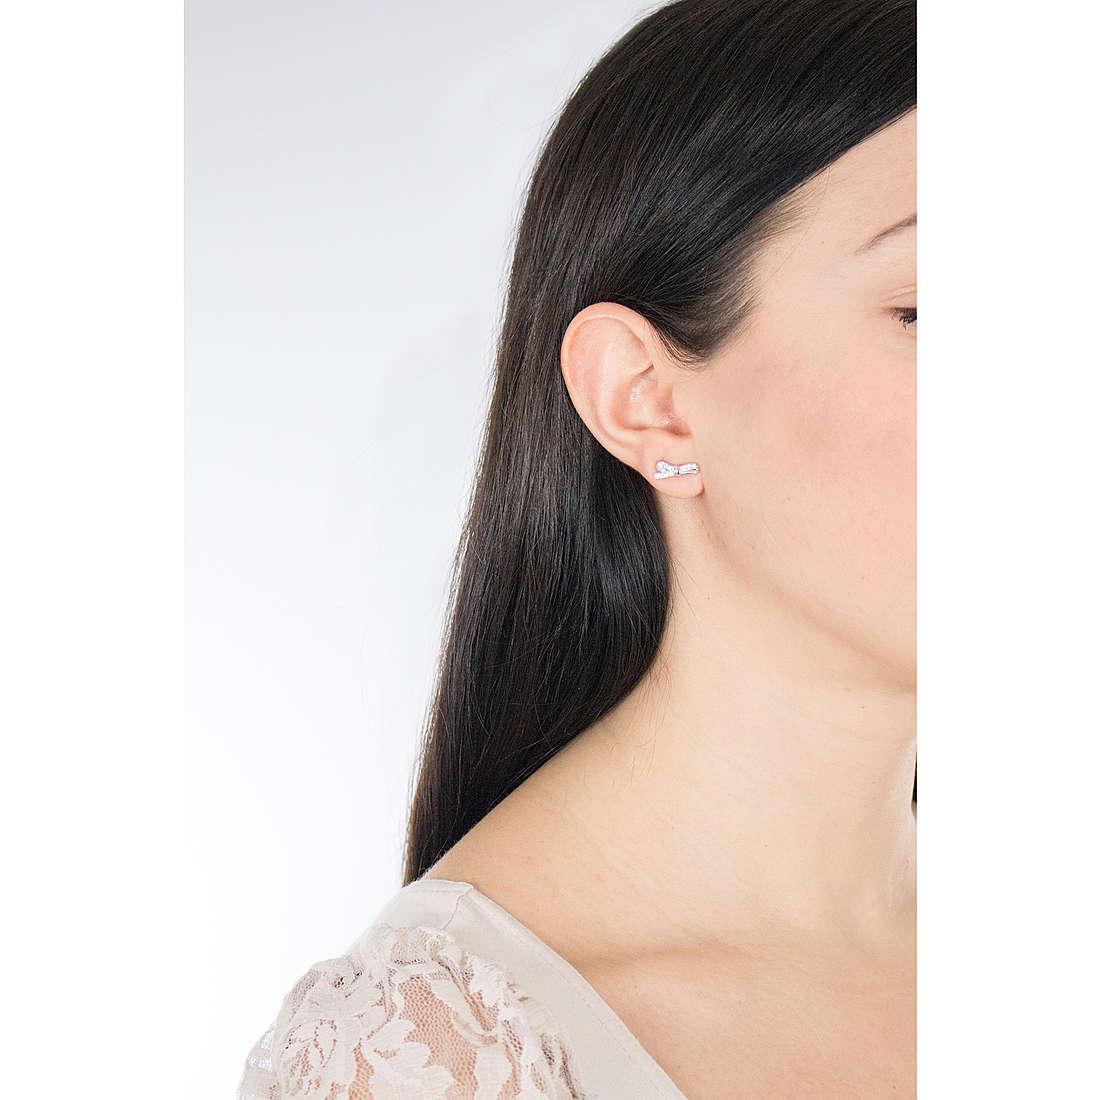 Nomination orecchini Mycherie donna 146307/010 indosso